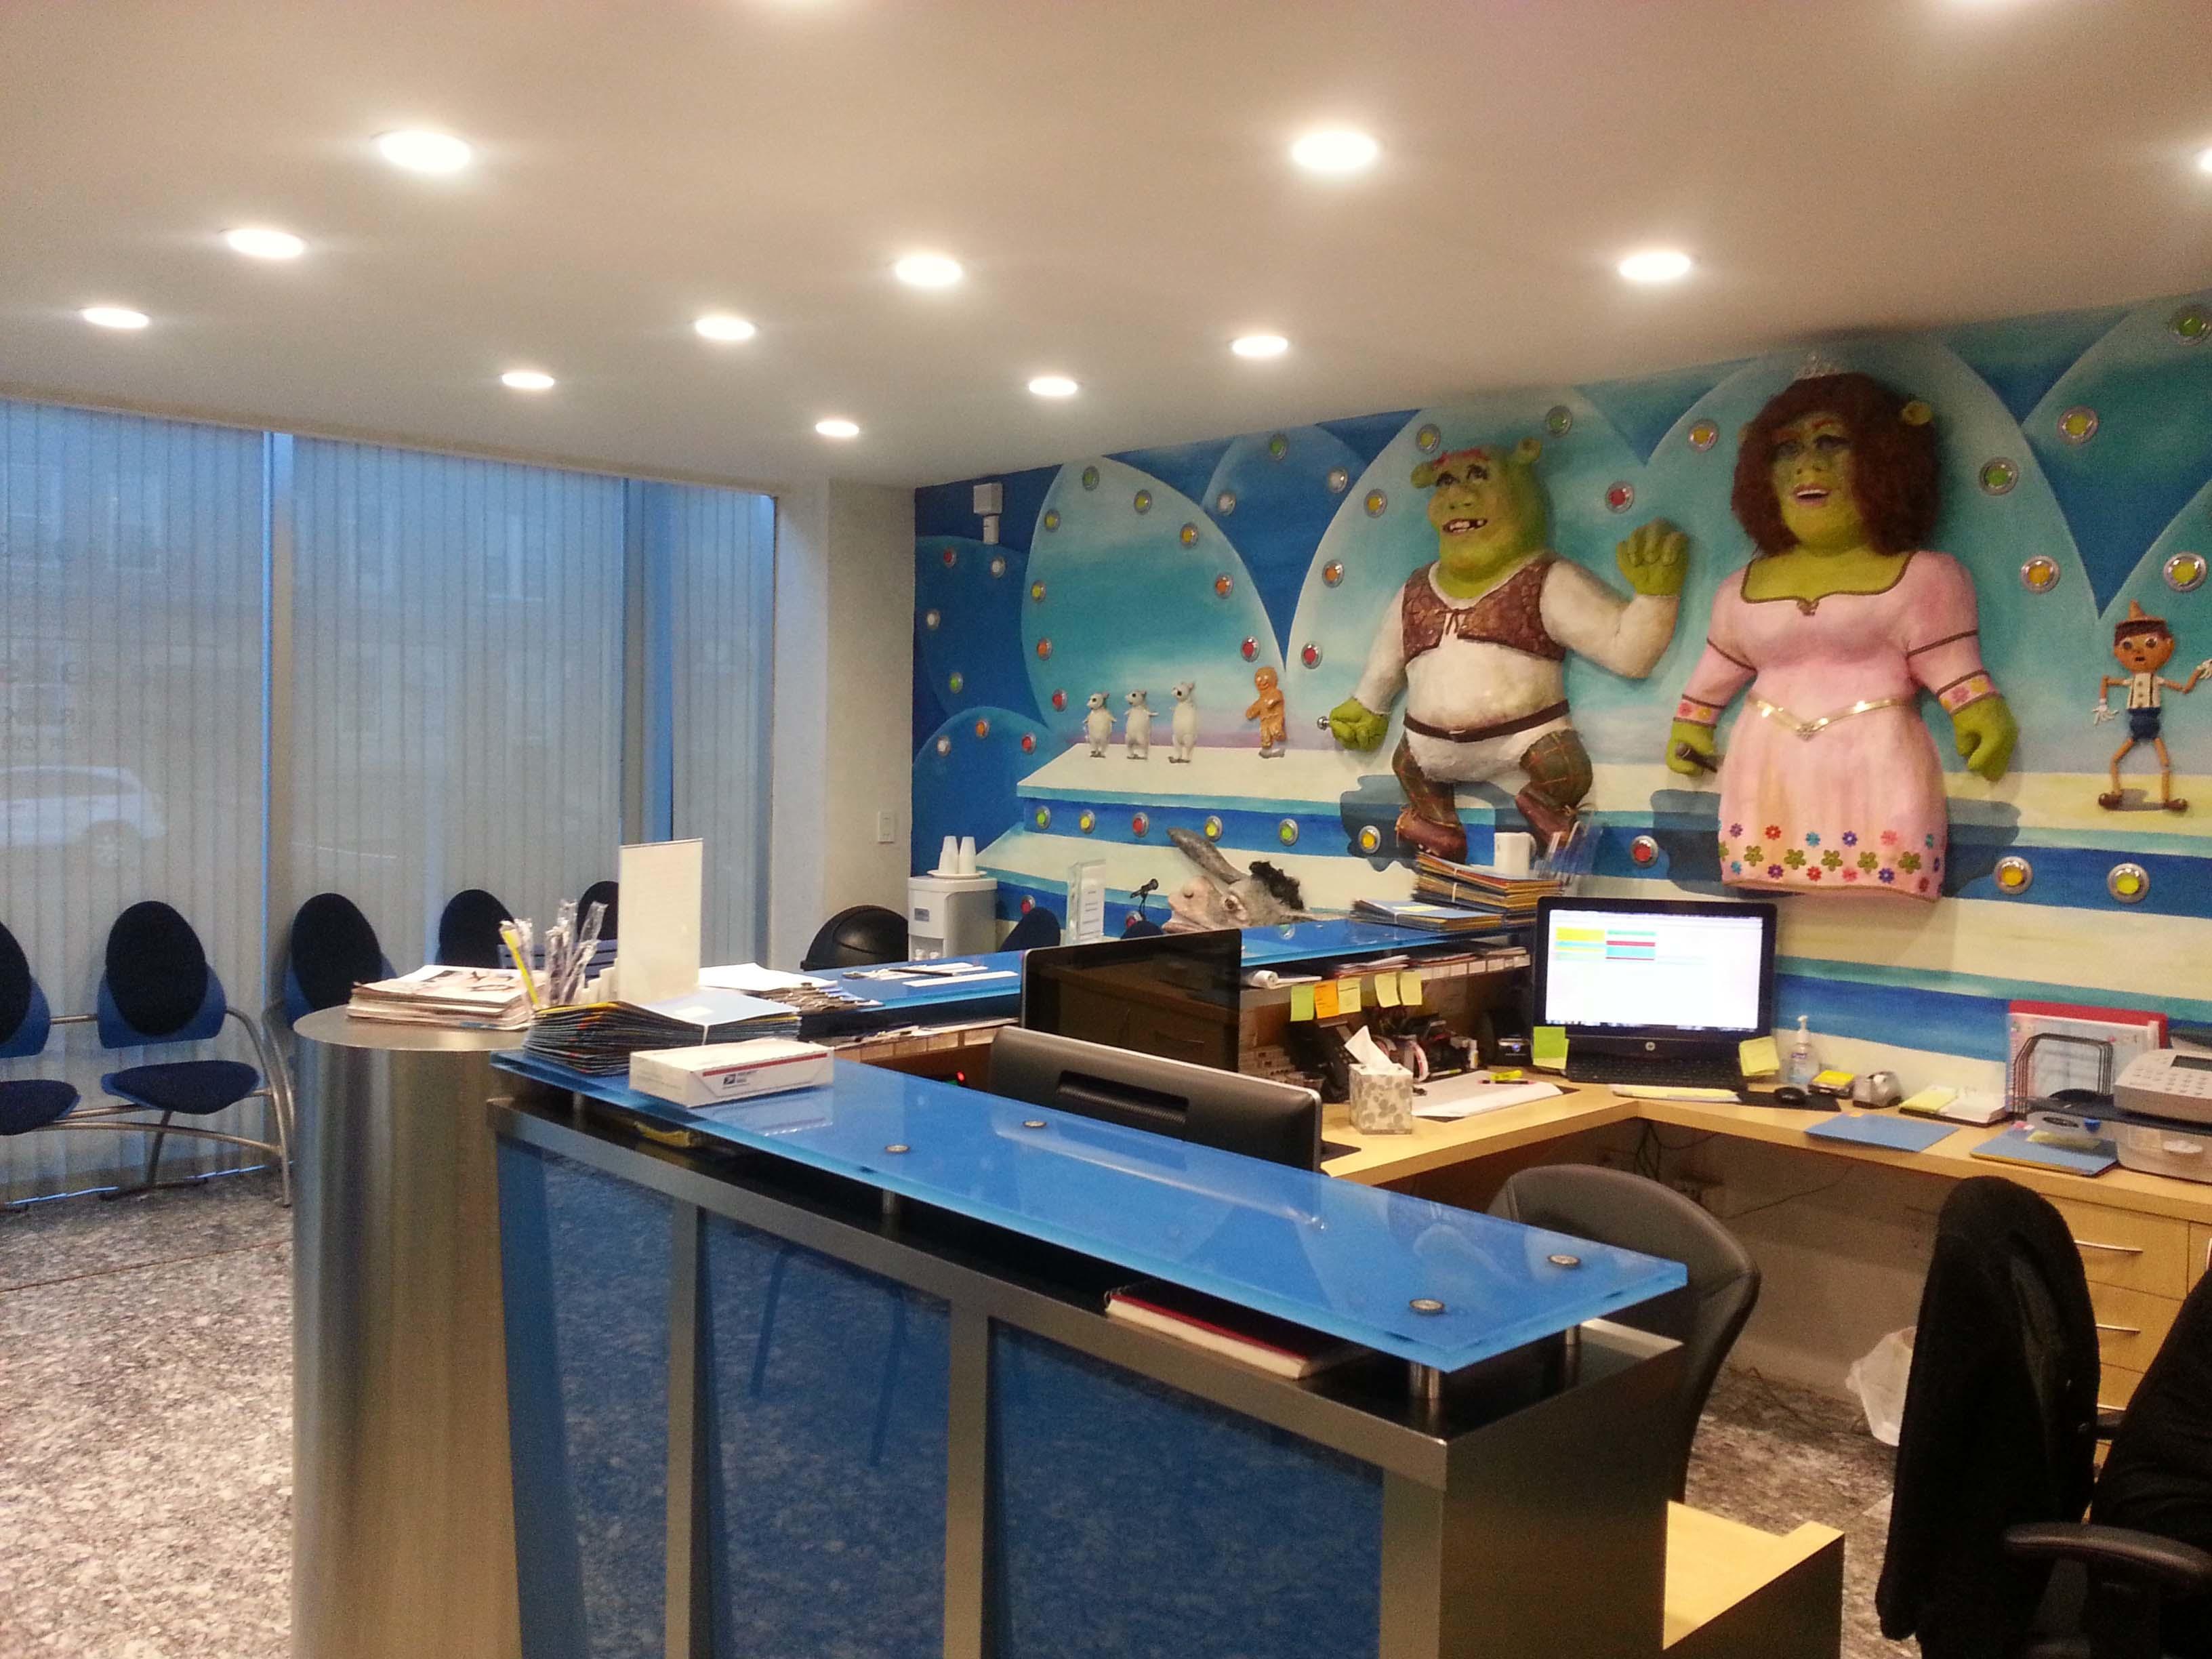 Kids Dentistry Center: Dr. Krepkh image 9